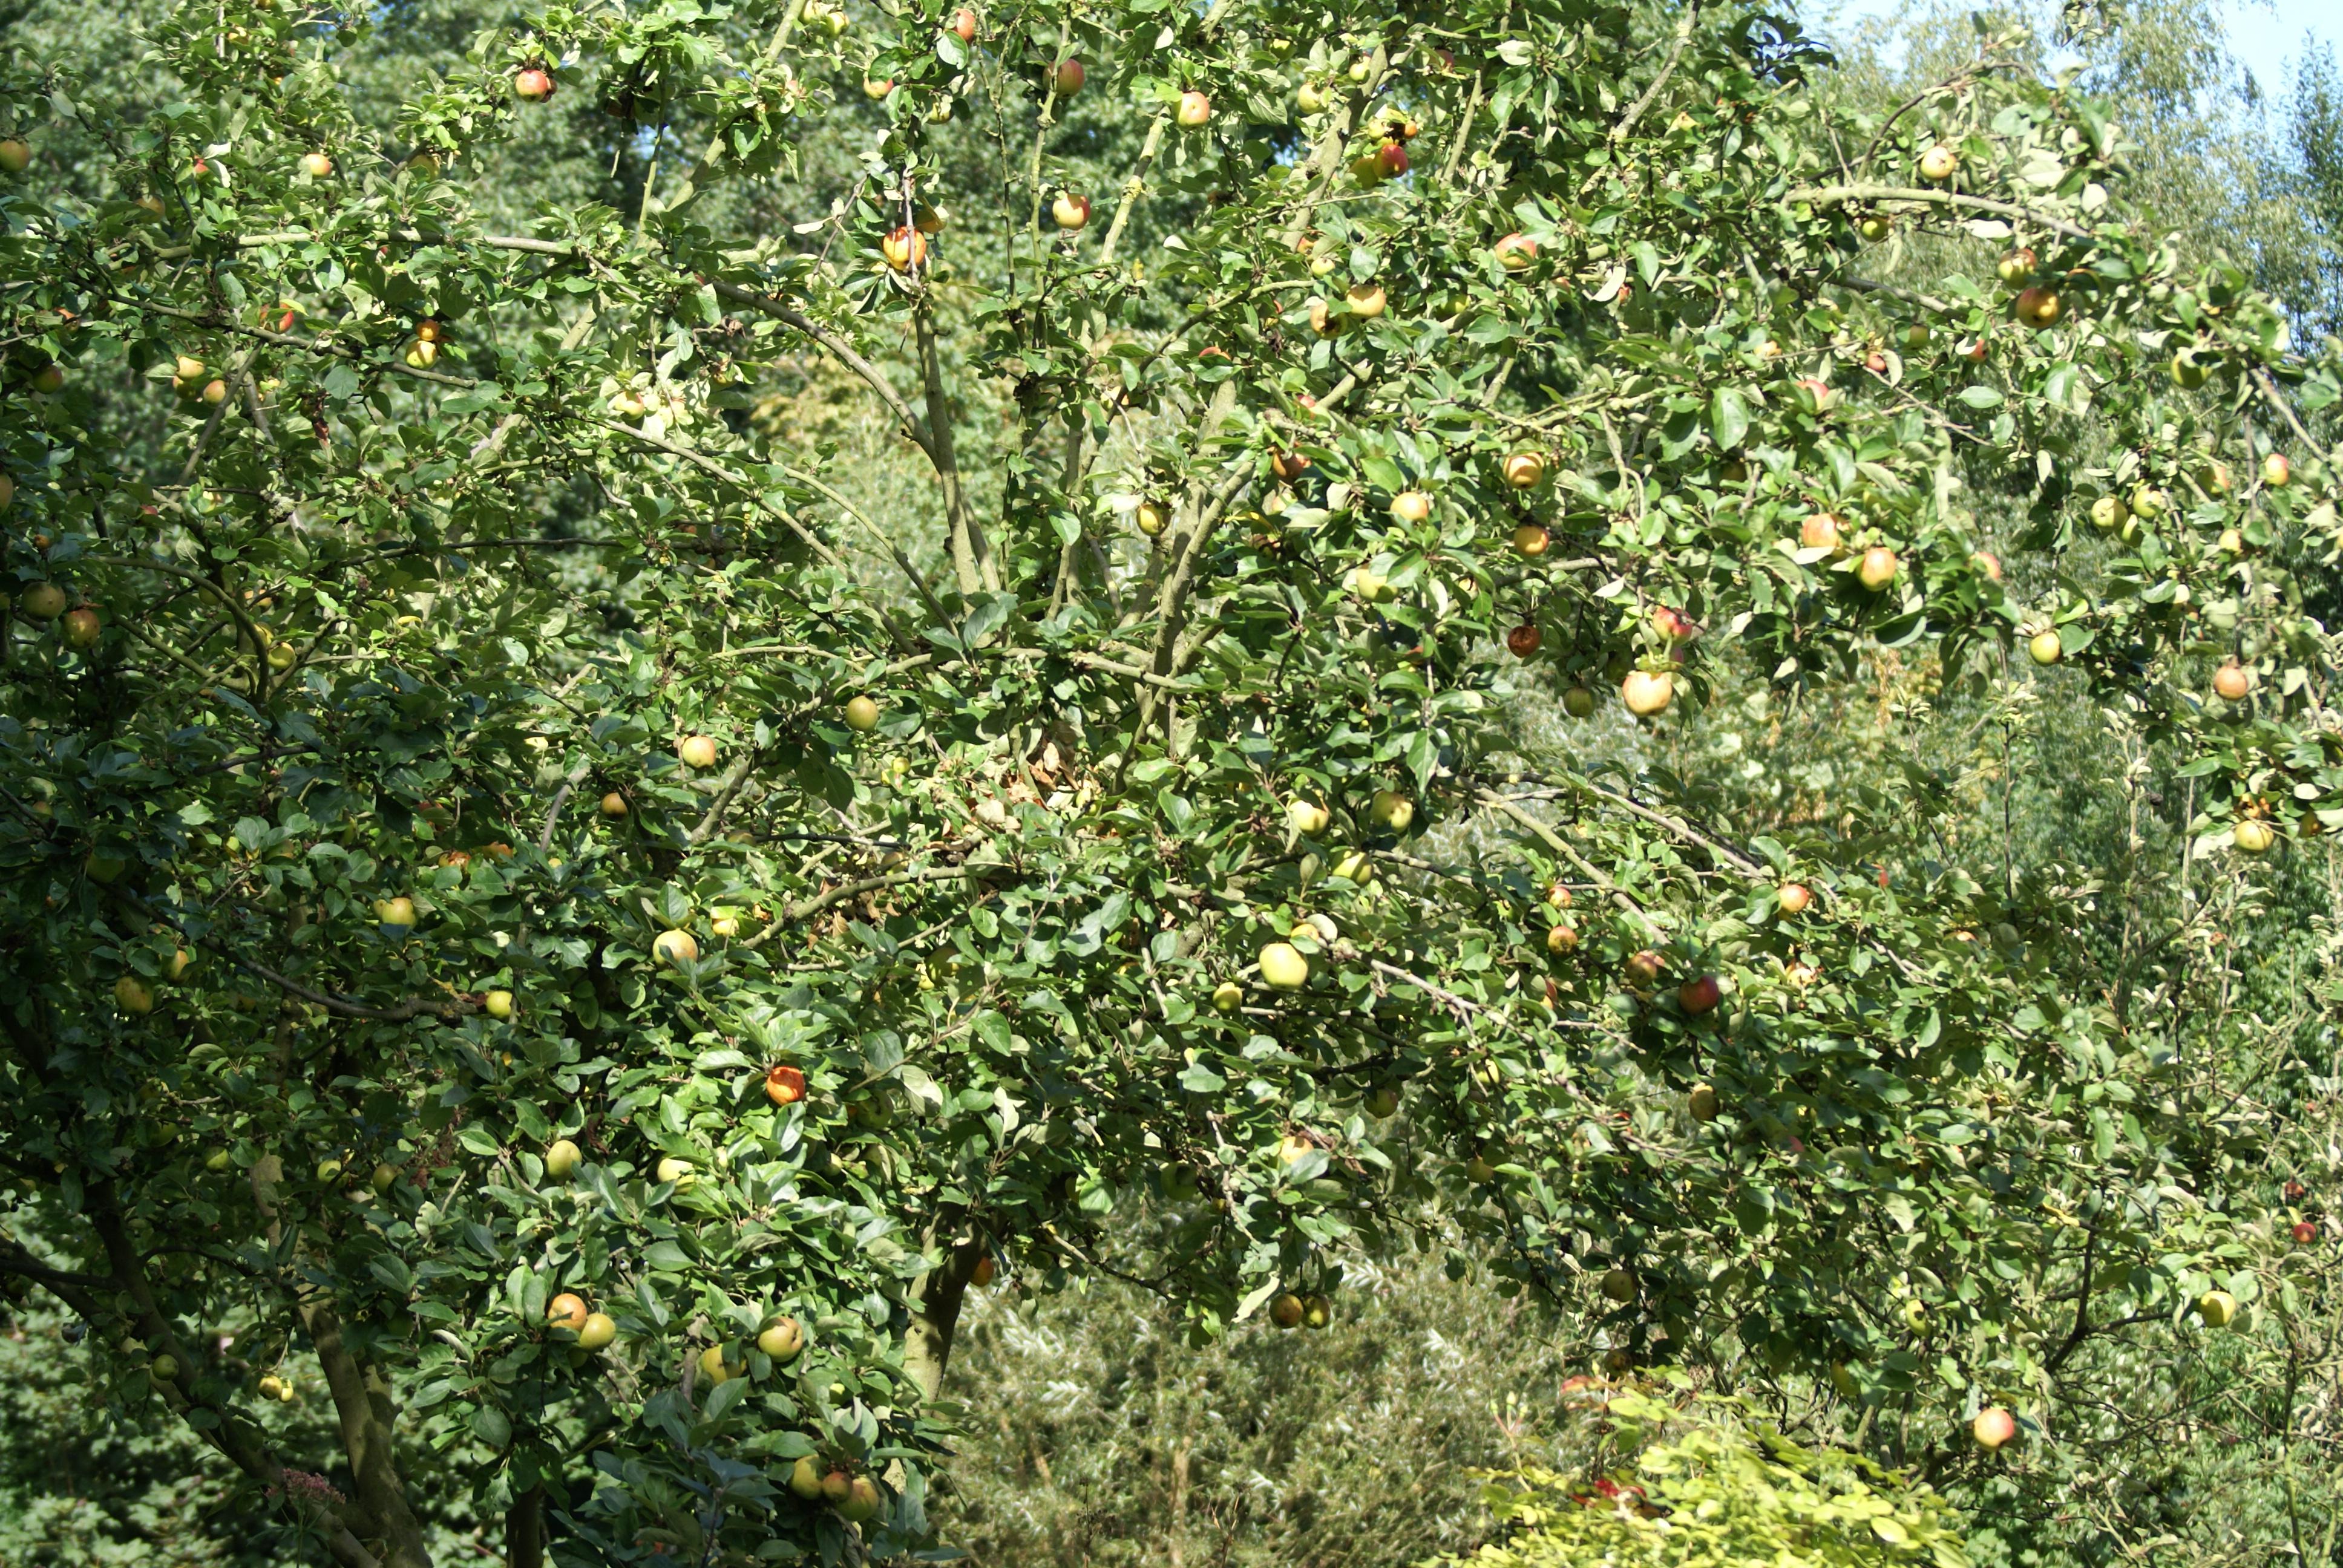 Lutter contre les larves parasites du jardin - Lutter contre les fourmis au jardin ...